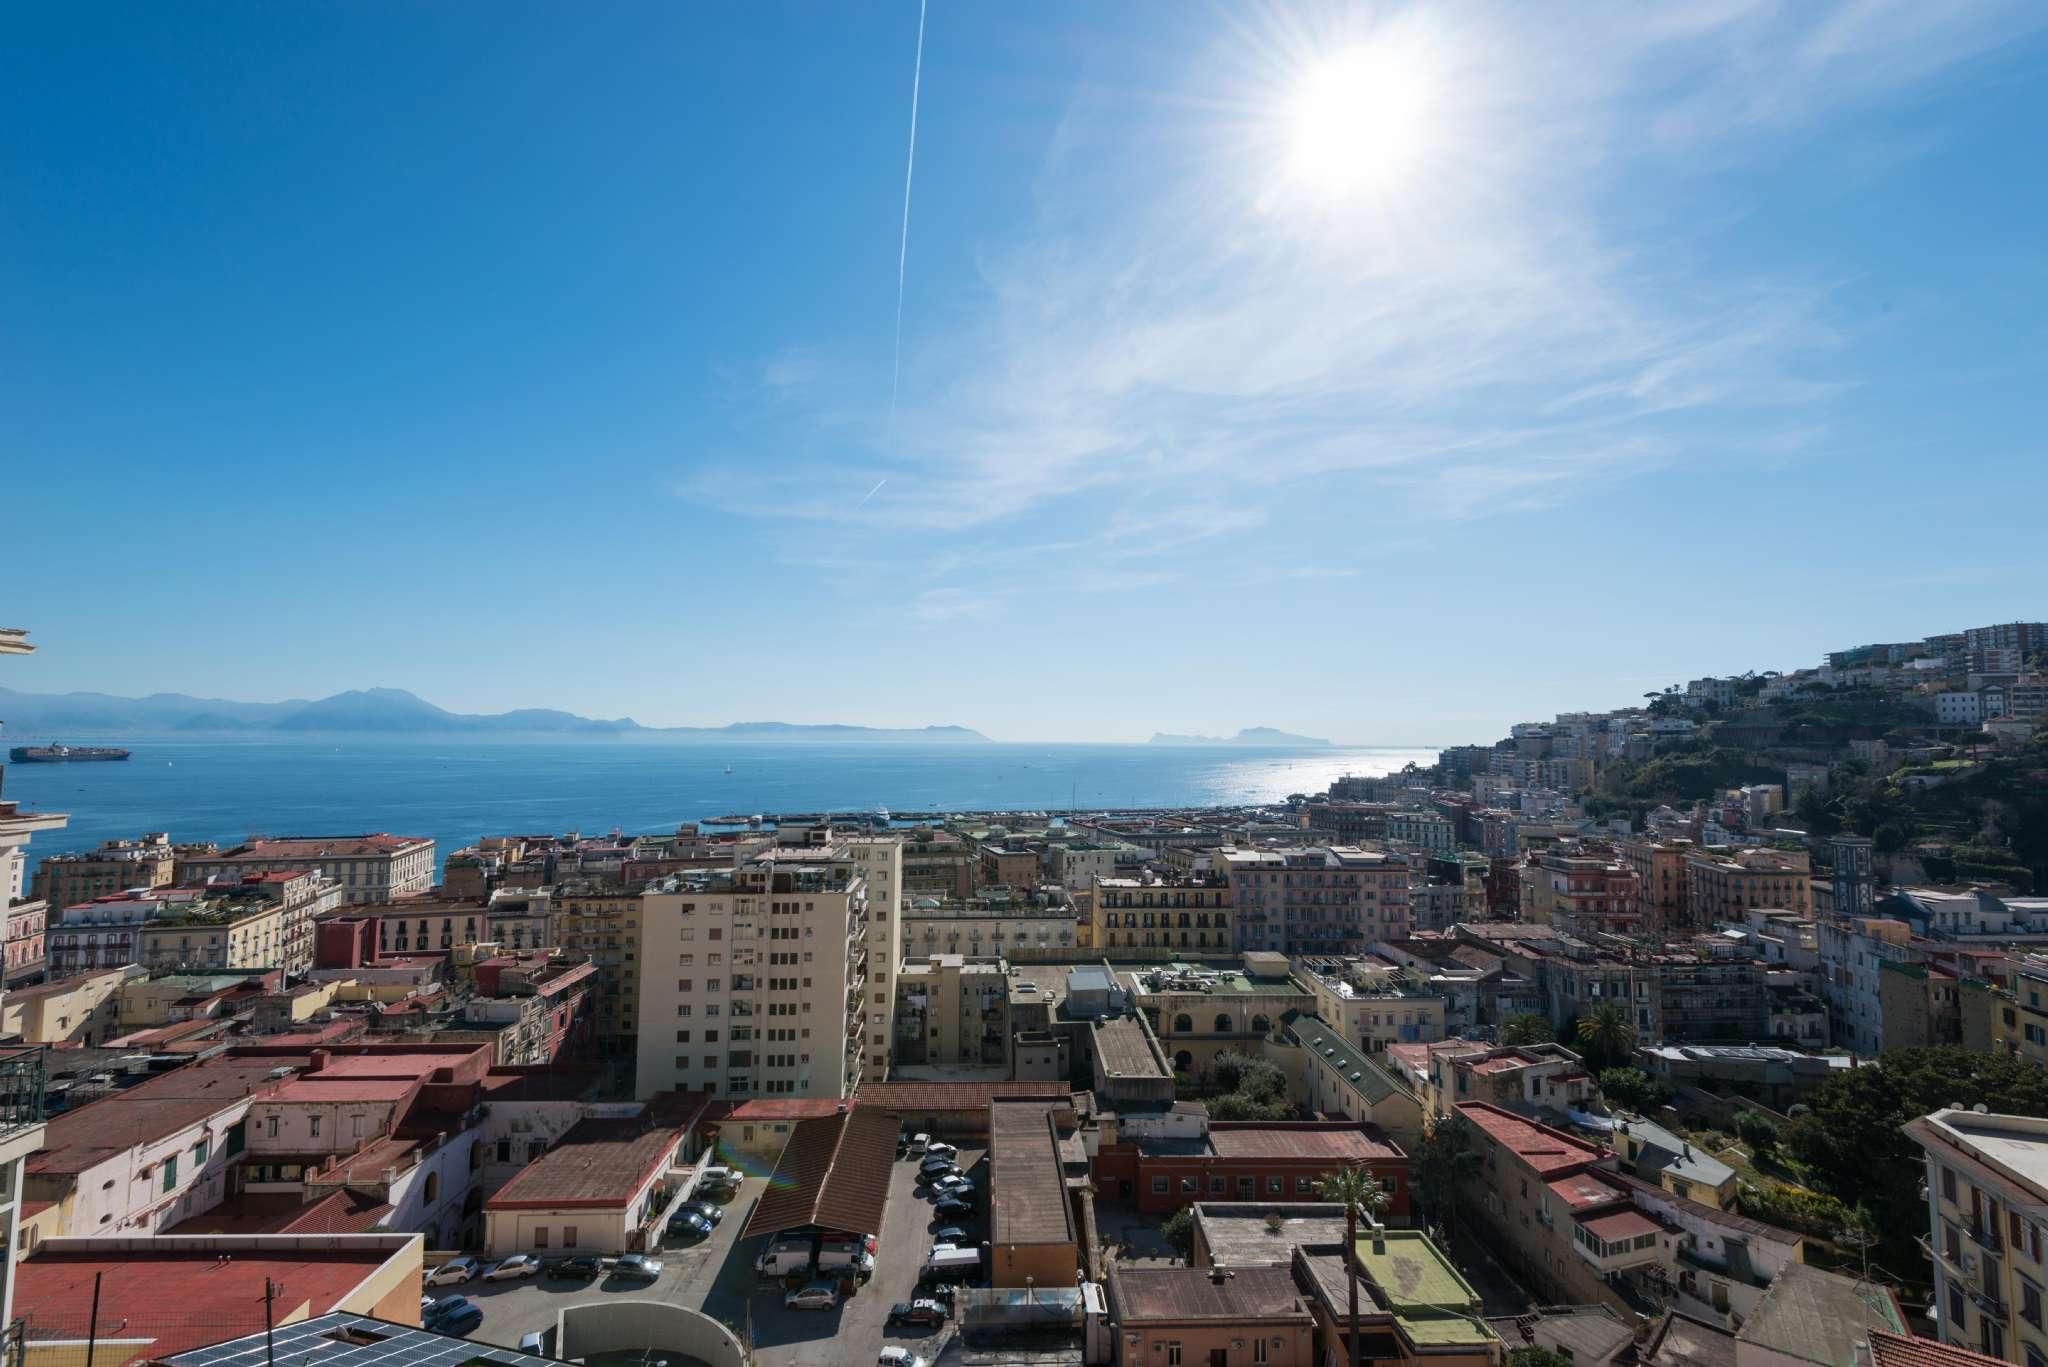 Attico / Mansarda in vendita a Napoli, 6 locali, zona Zona: 1 . Chiaia, Posillipo, San Ferdinando, prezzo € 1.200.000 | CambioCasa.it